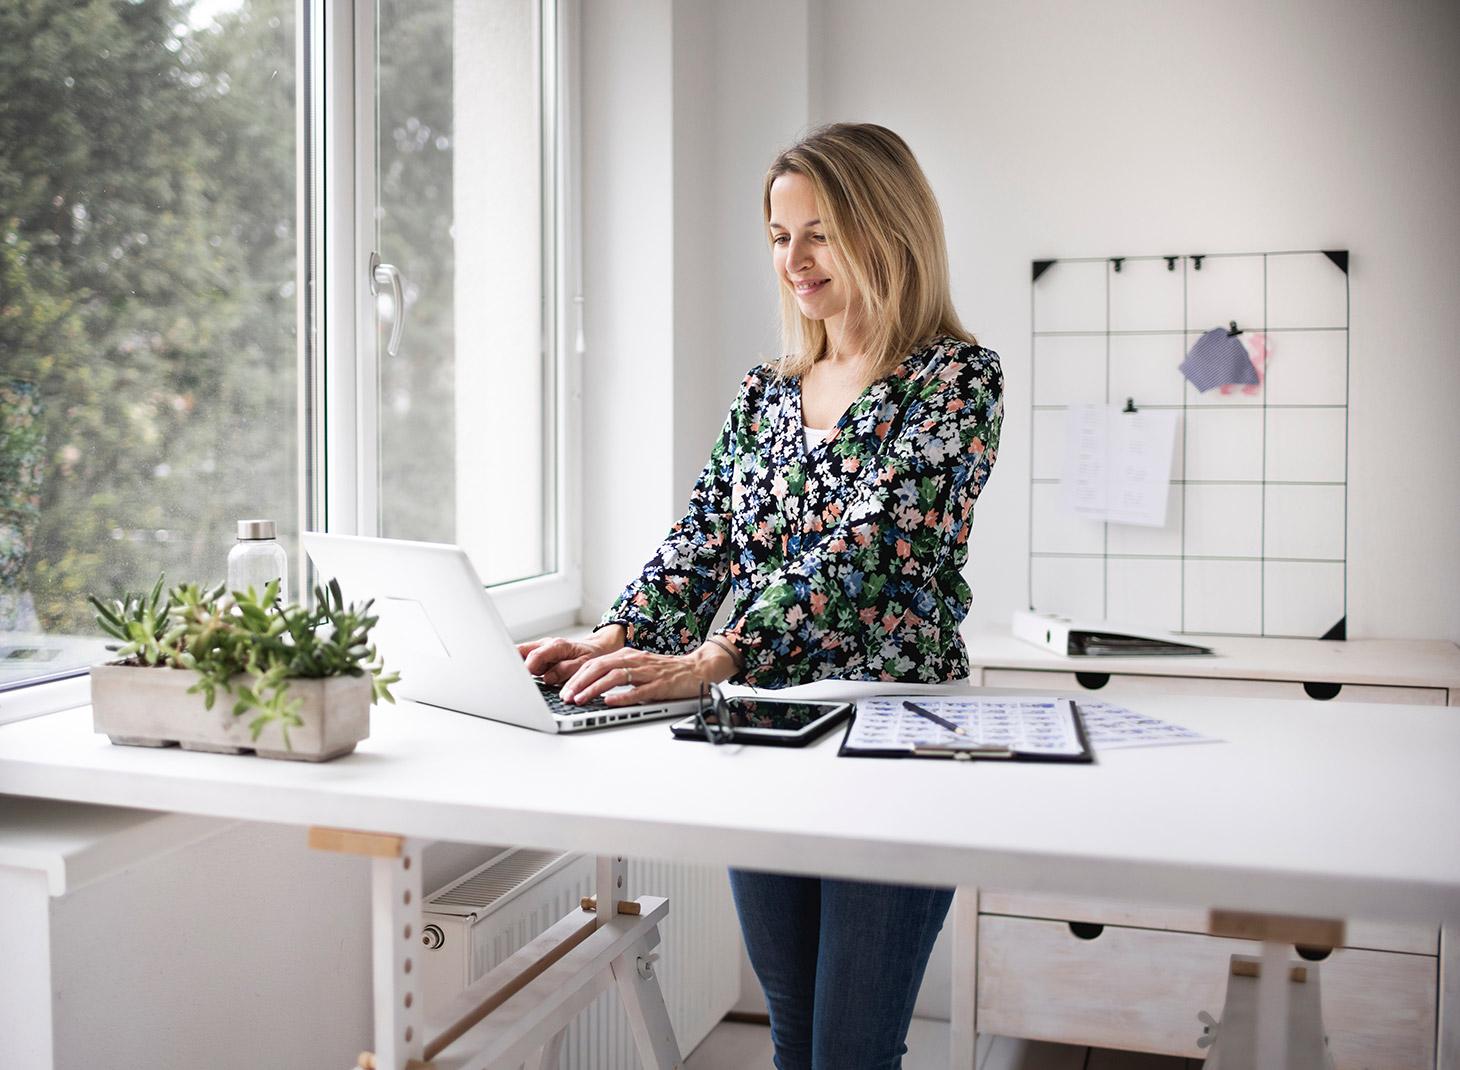 Многие сейчас предпочитают работать стоя, и для этого есть специальные столы